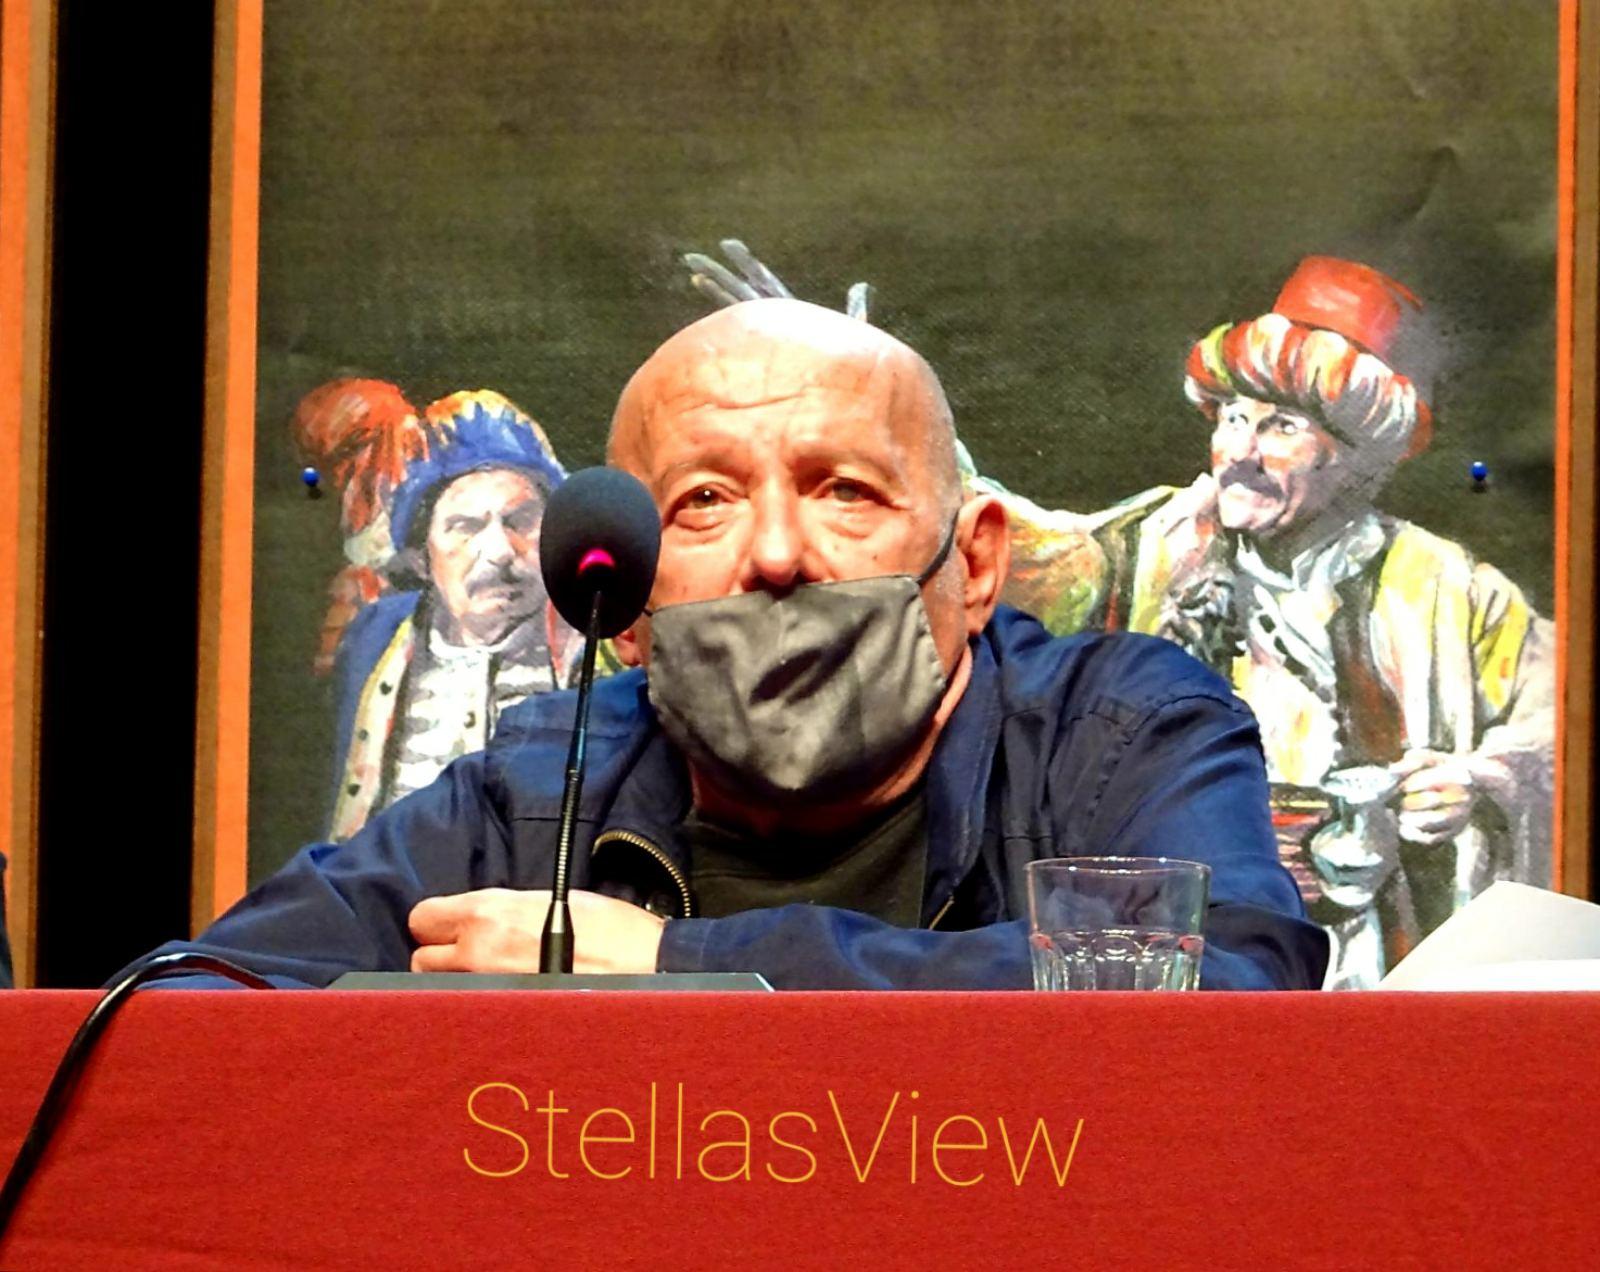 Βασίλης Παπαβασιλείου: «Το θέατρο είναι μια ιαματική τέχνη»